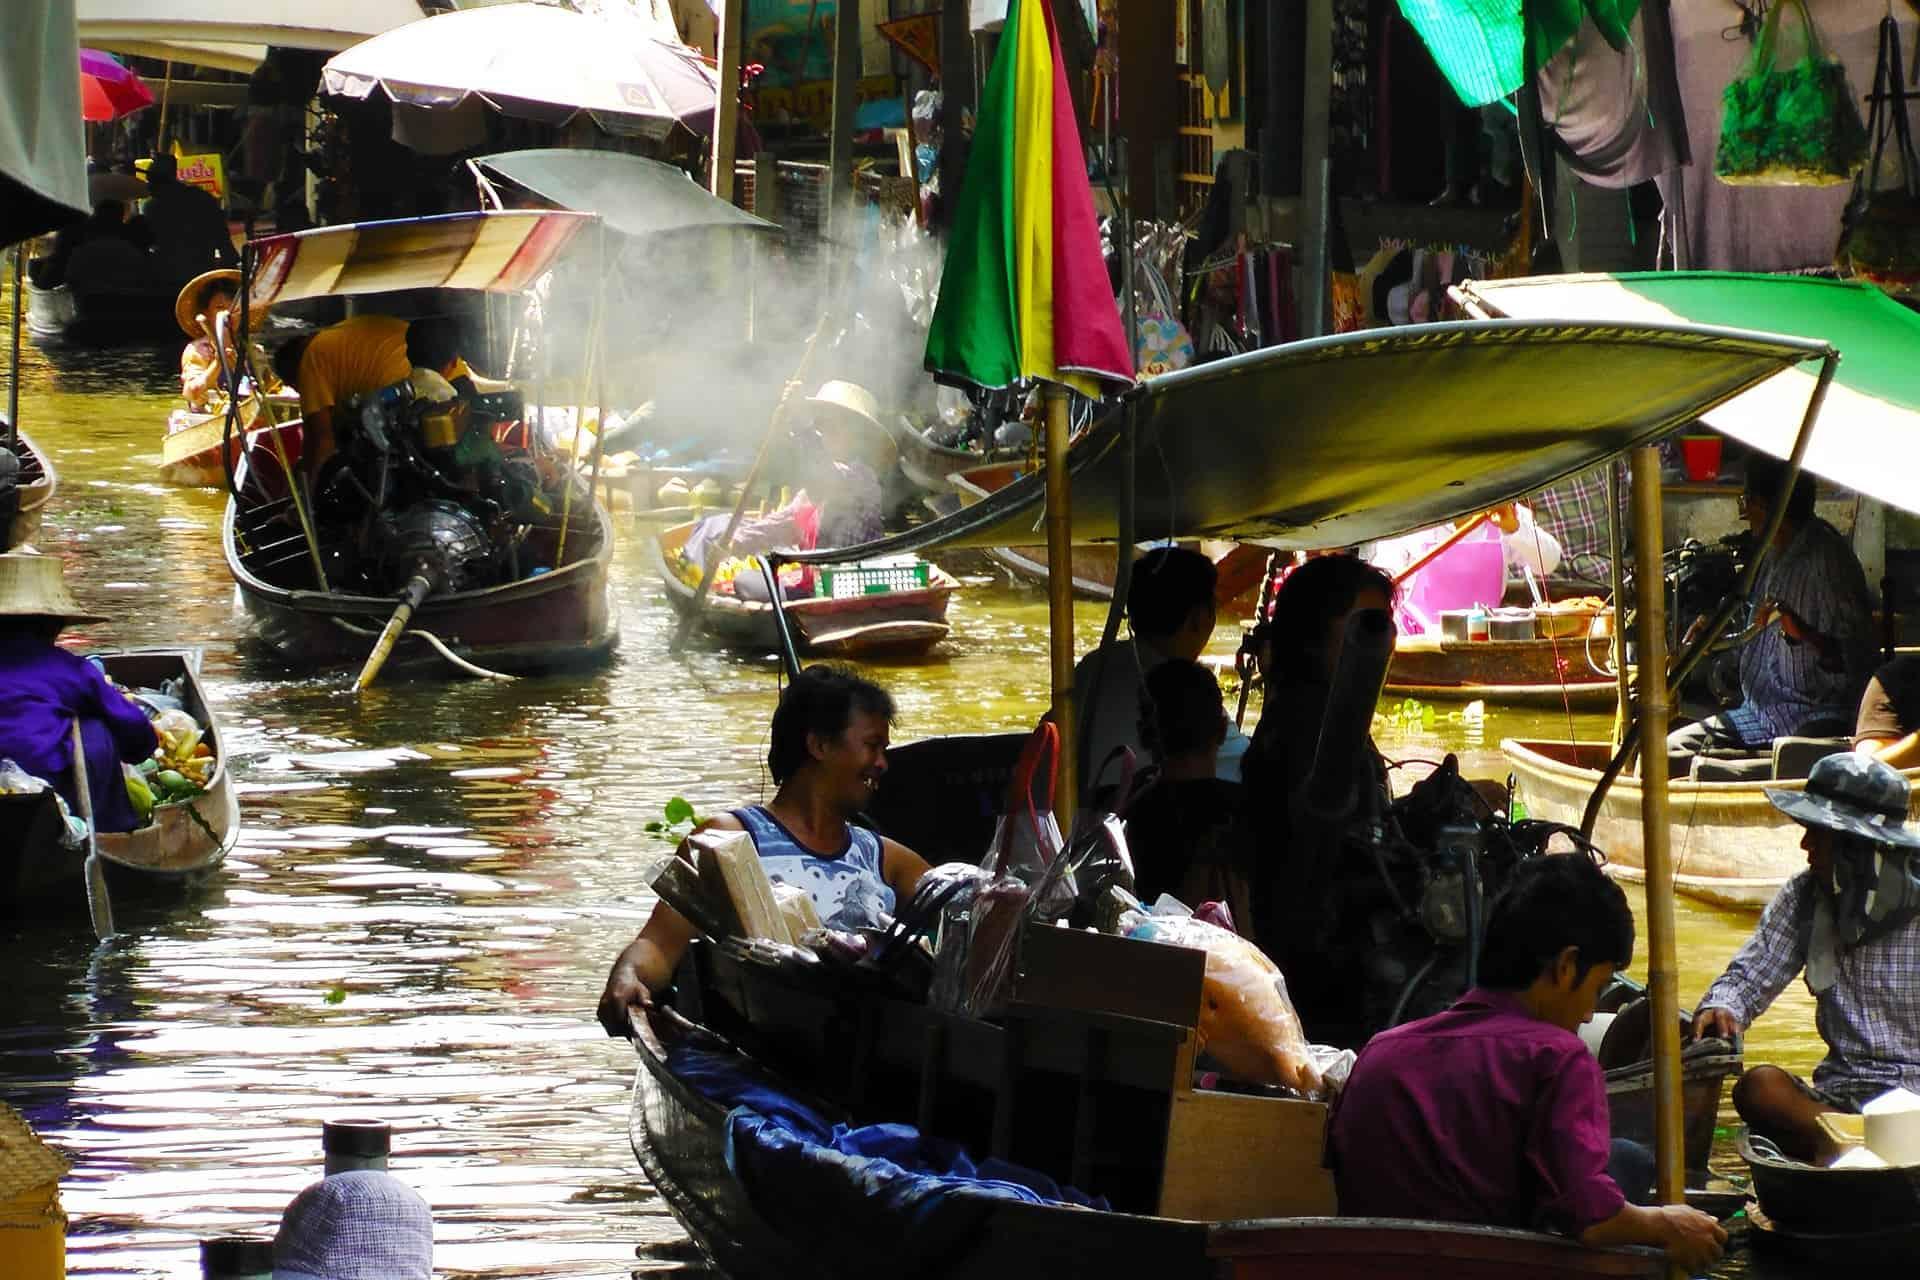 Bangkok entdecken mit öffentlichen Verkehrsmitteln - am besten mit dem Wassertaxi